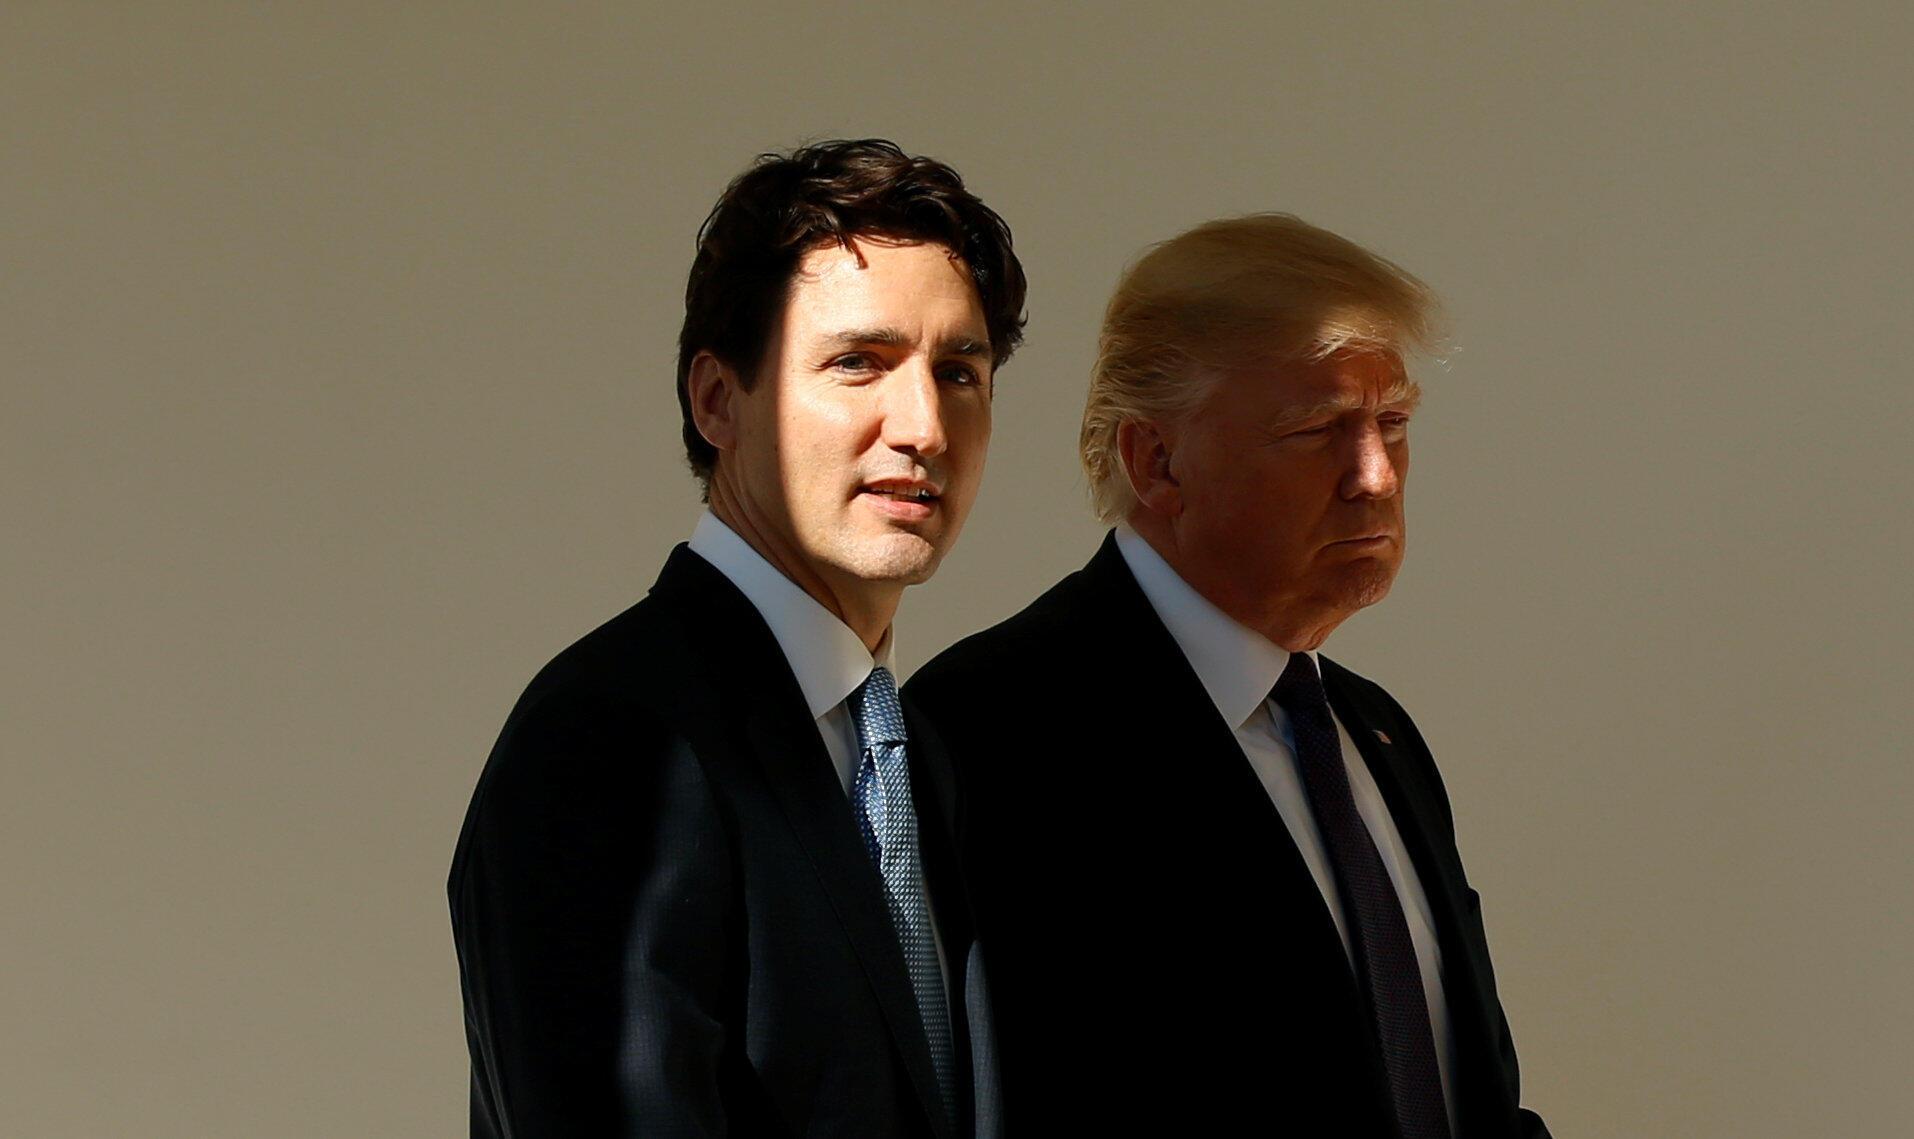 美國總統特朗普與加拿大總理特魯多2月13日在白宮會晤